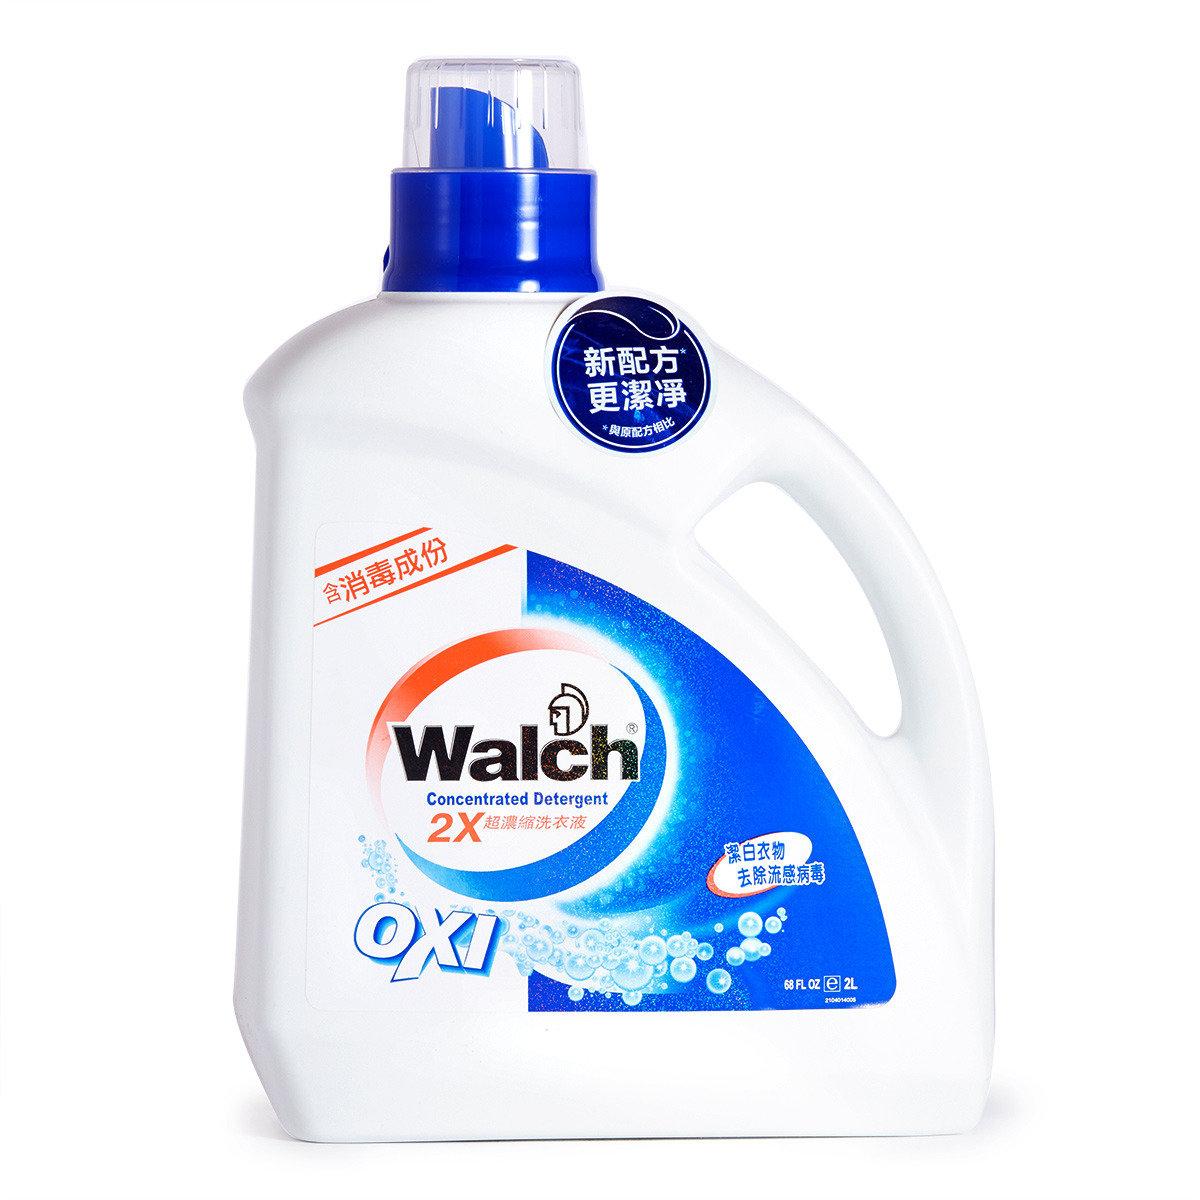 2X超濃縮消毒洗衣液